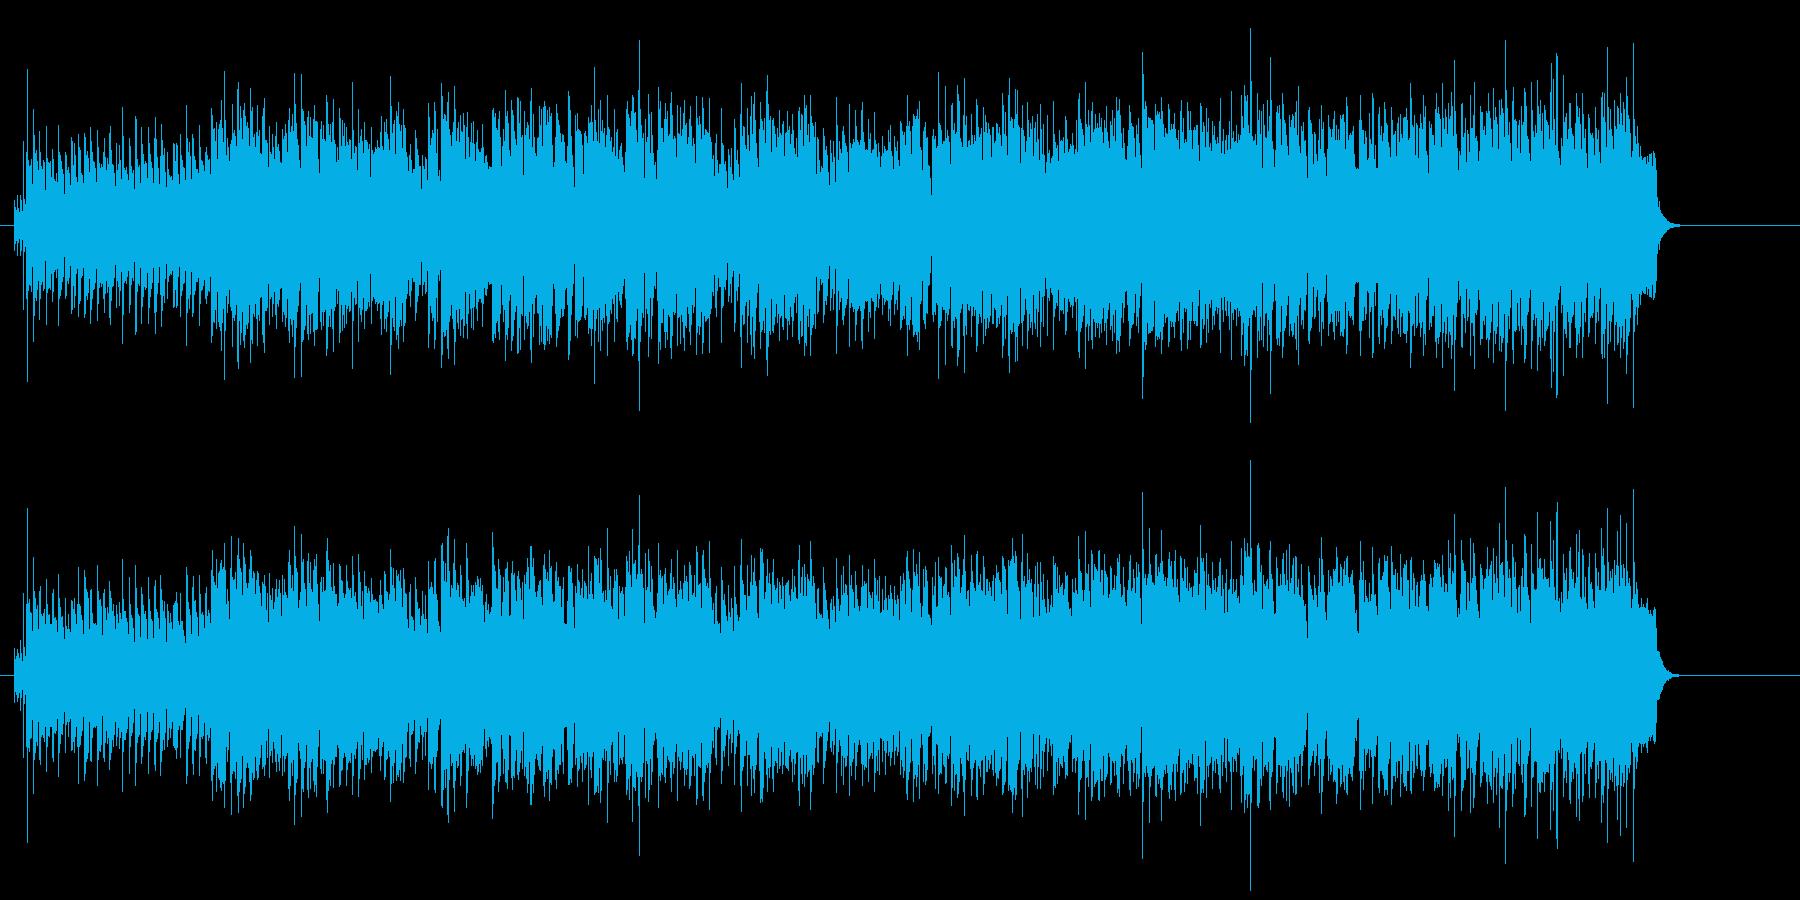 4ビートのリズムが効いた粋なR&Rの再生済みの波形